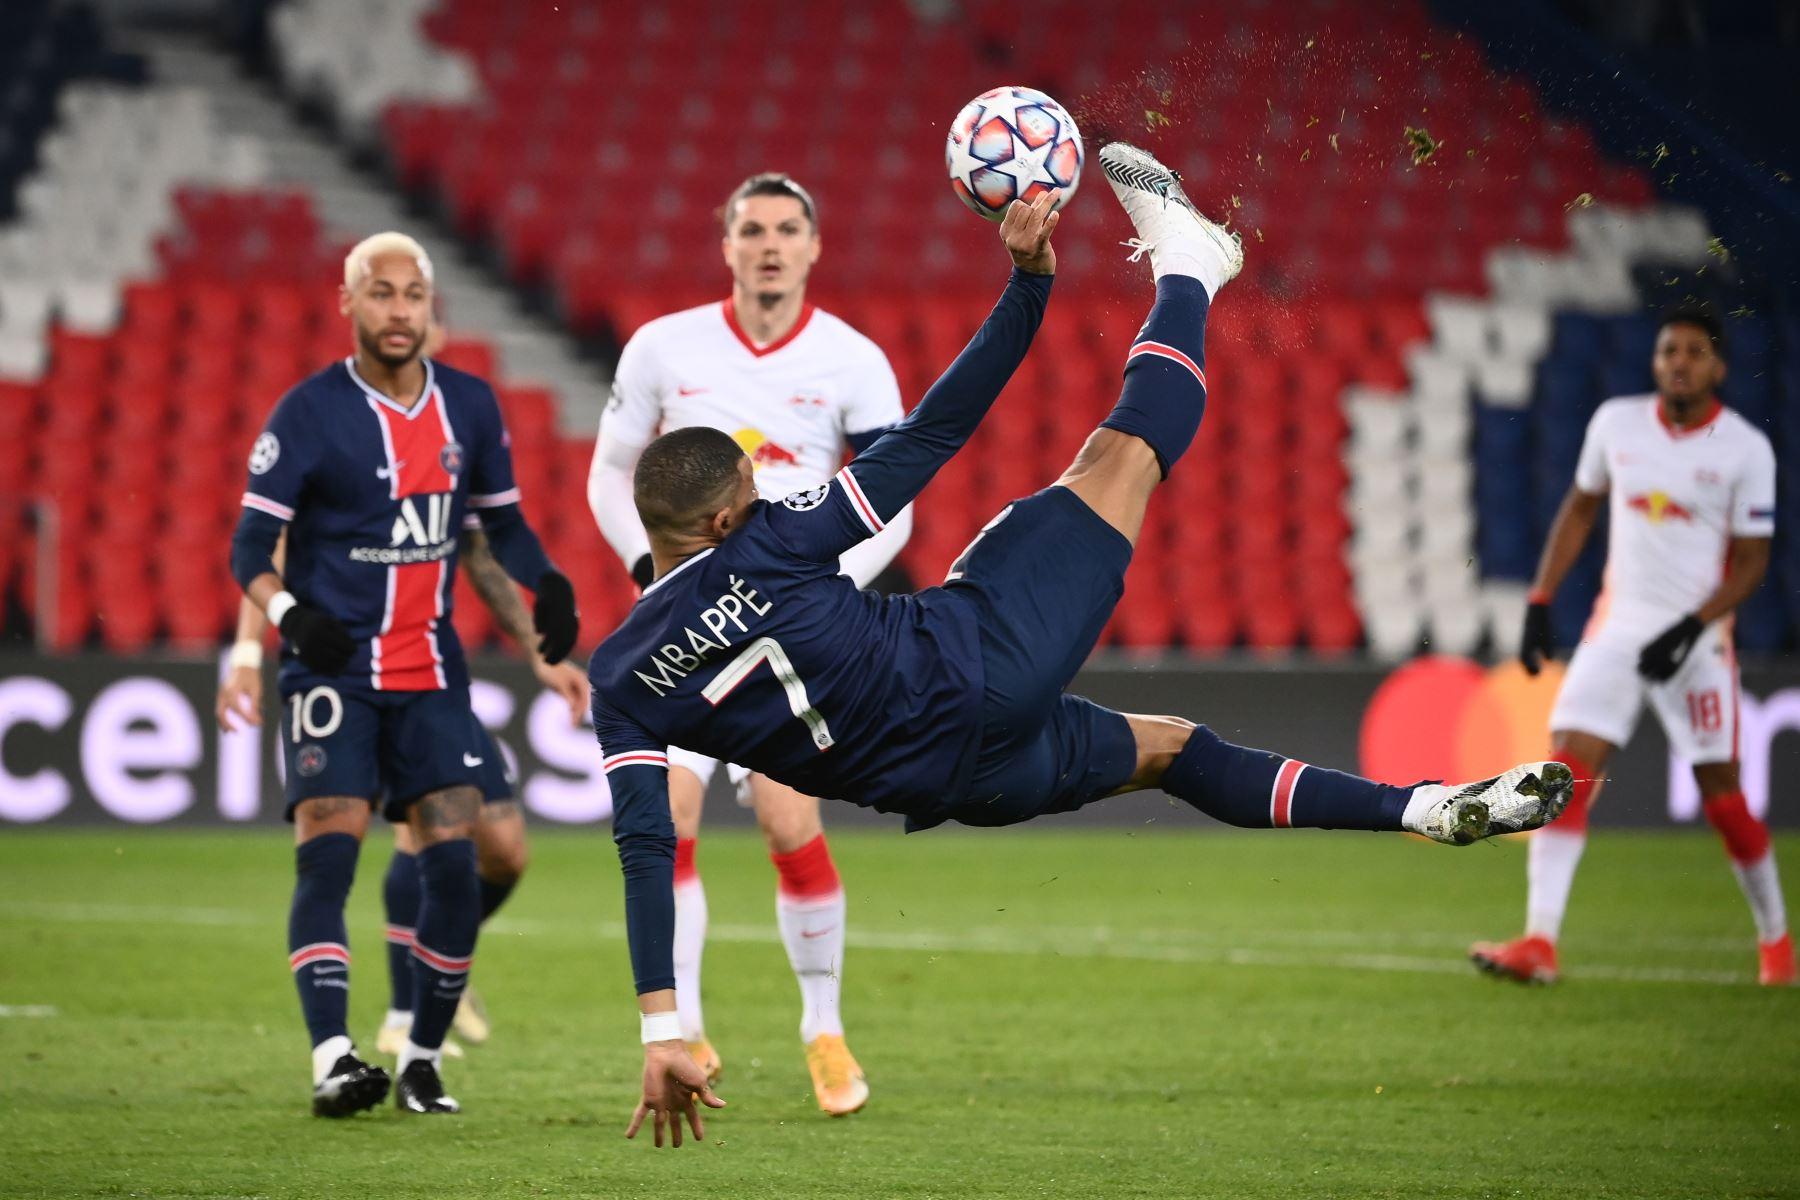 El delantero francés Kylian Mbappé del Paris Saint-Germain patea el balón con tijeras durante el partido de fútbol de segunda etapa del Grupo H de la Liga de Campeones de la UEFA. Foto: AFP